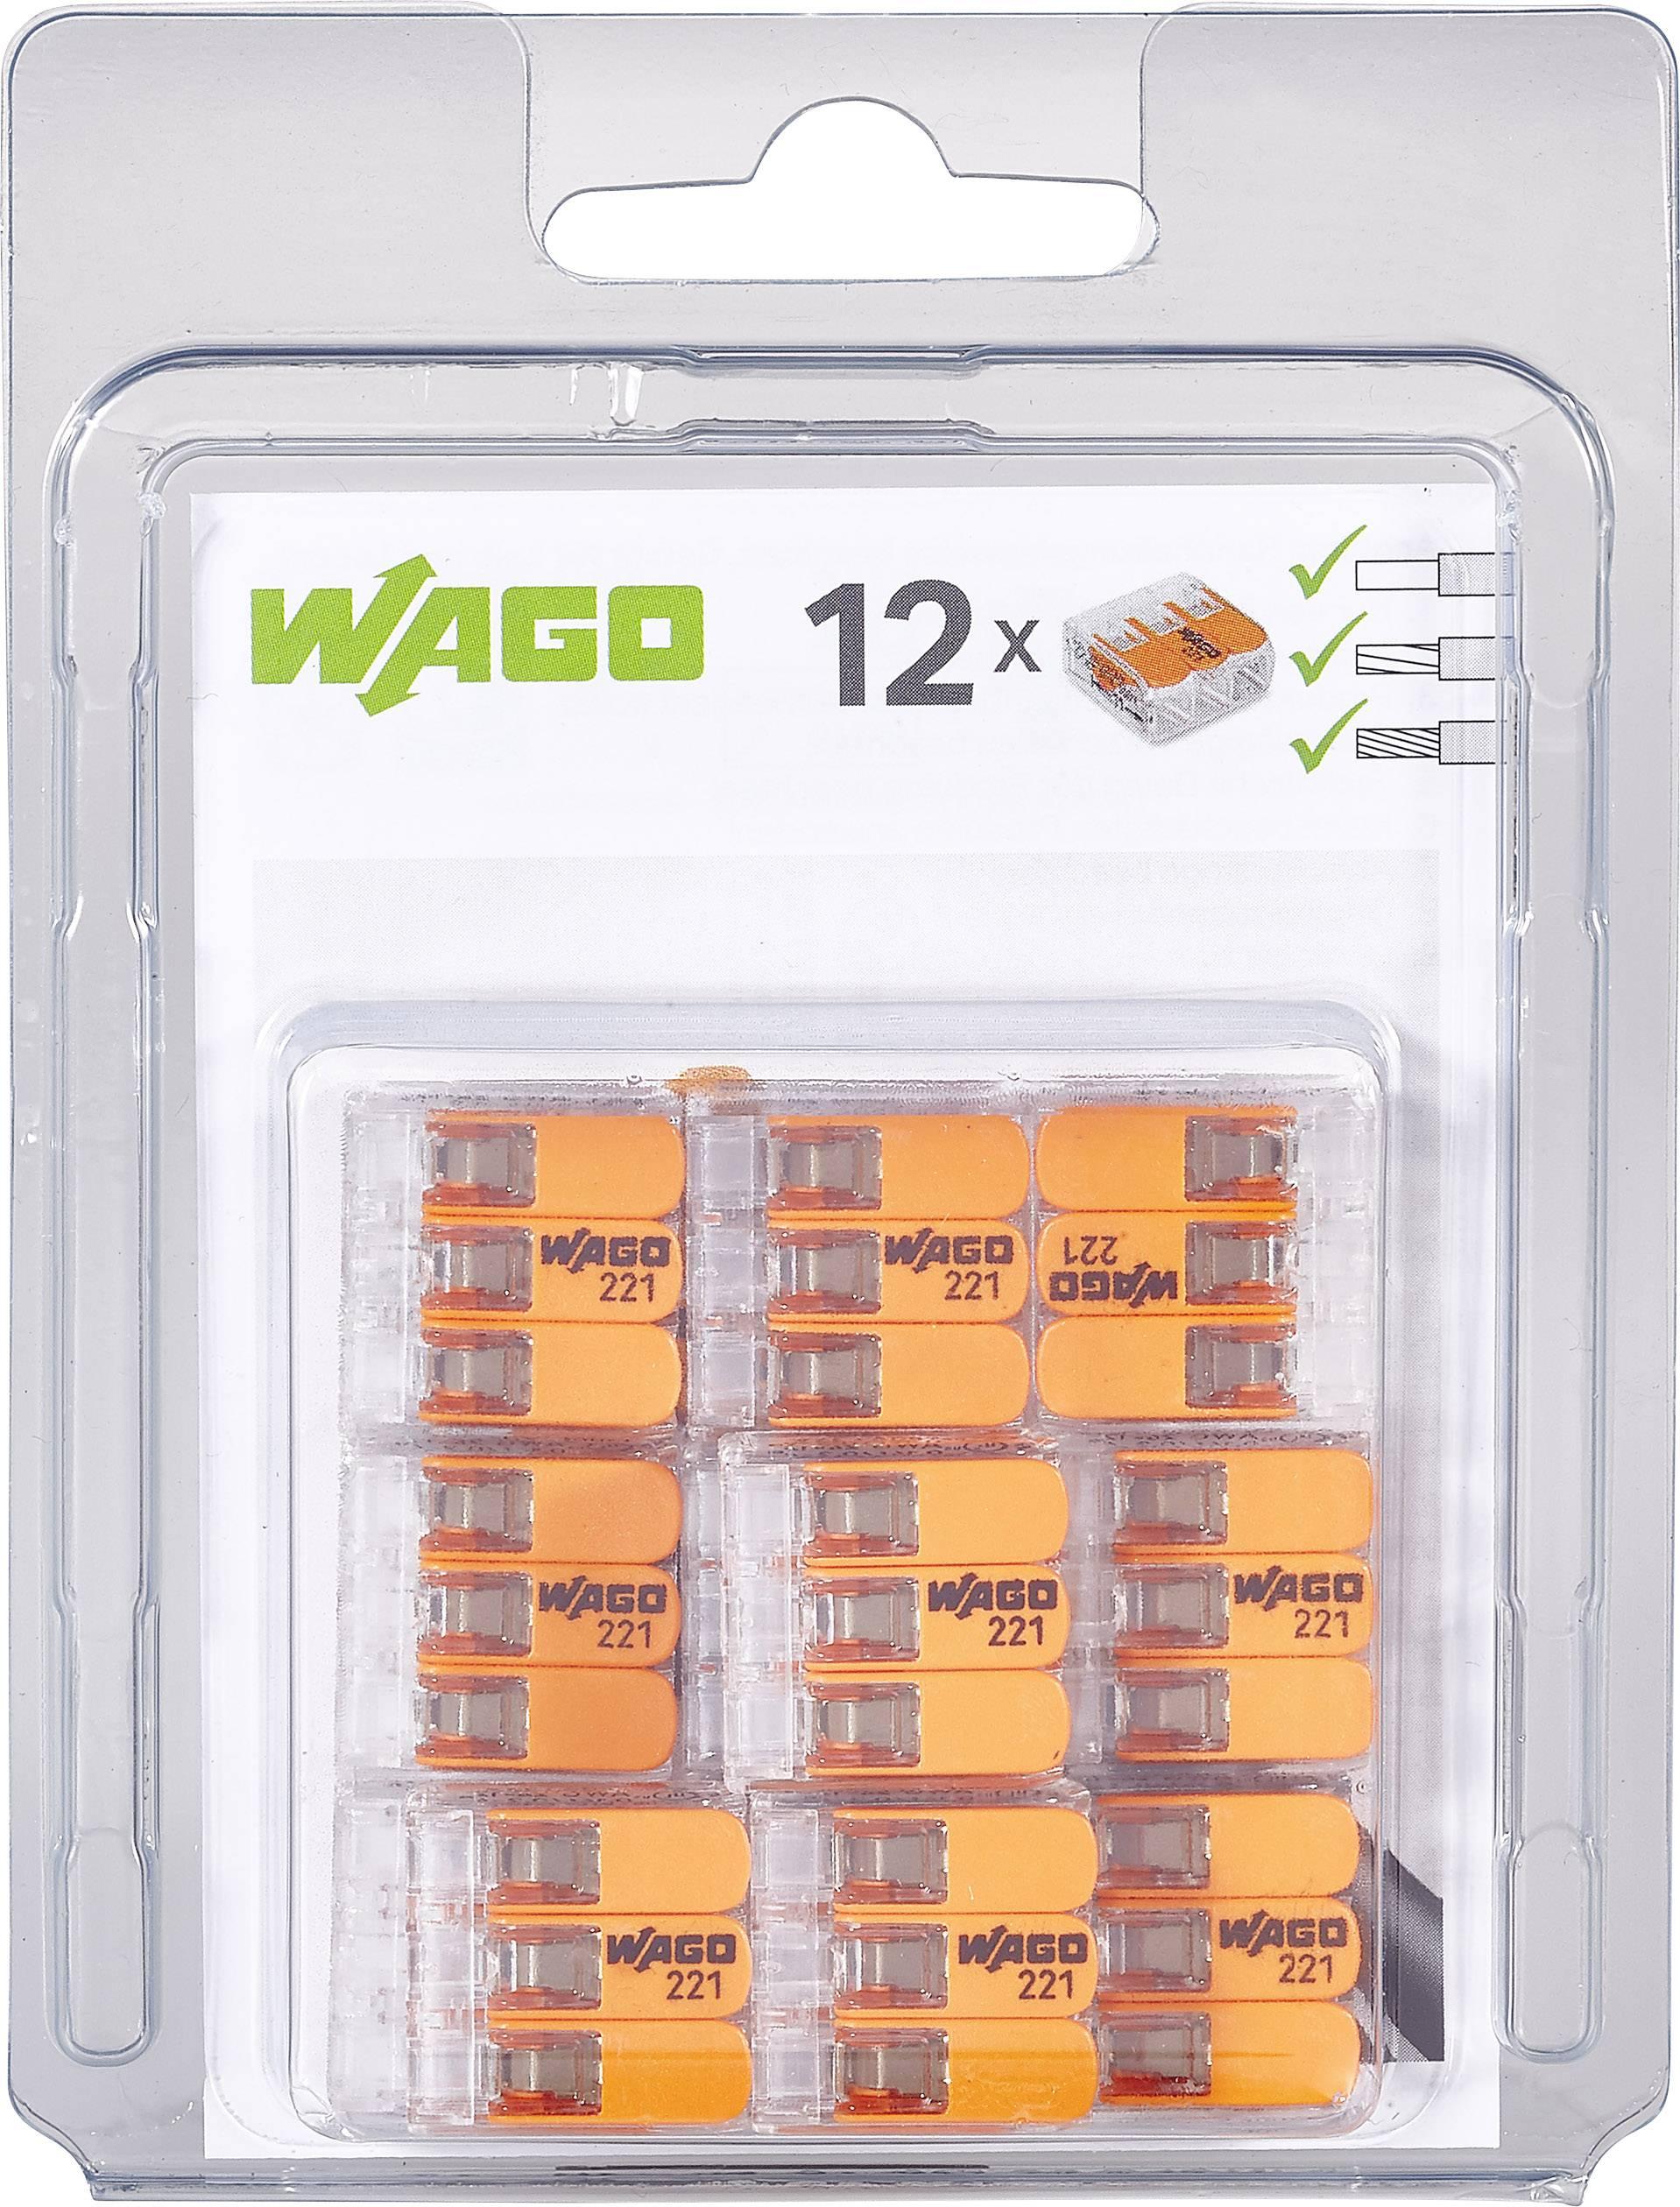 Kabelová svorka WAGO 221-413/996-012 pro kabel o rozměru 0.14-4 mm², pólů 3, 12 ks, transparentní, oranžová